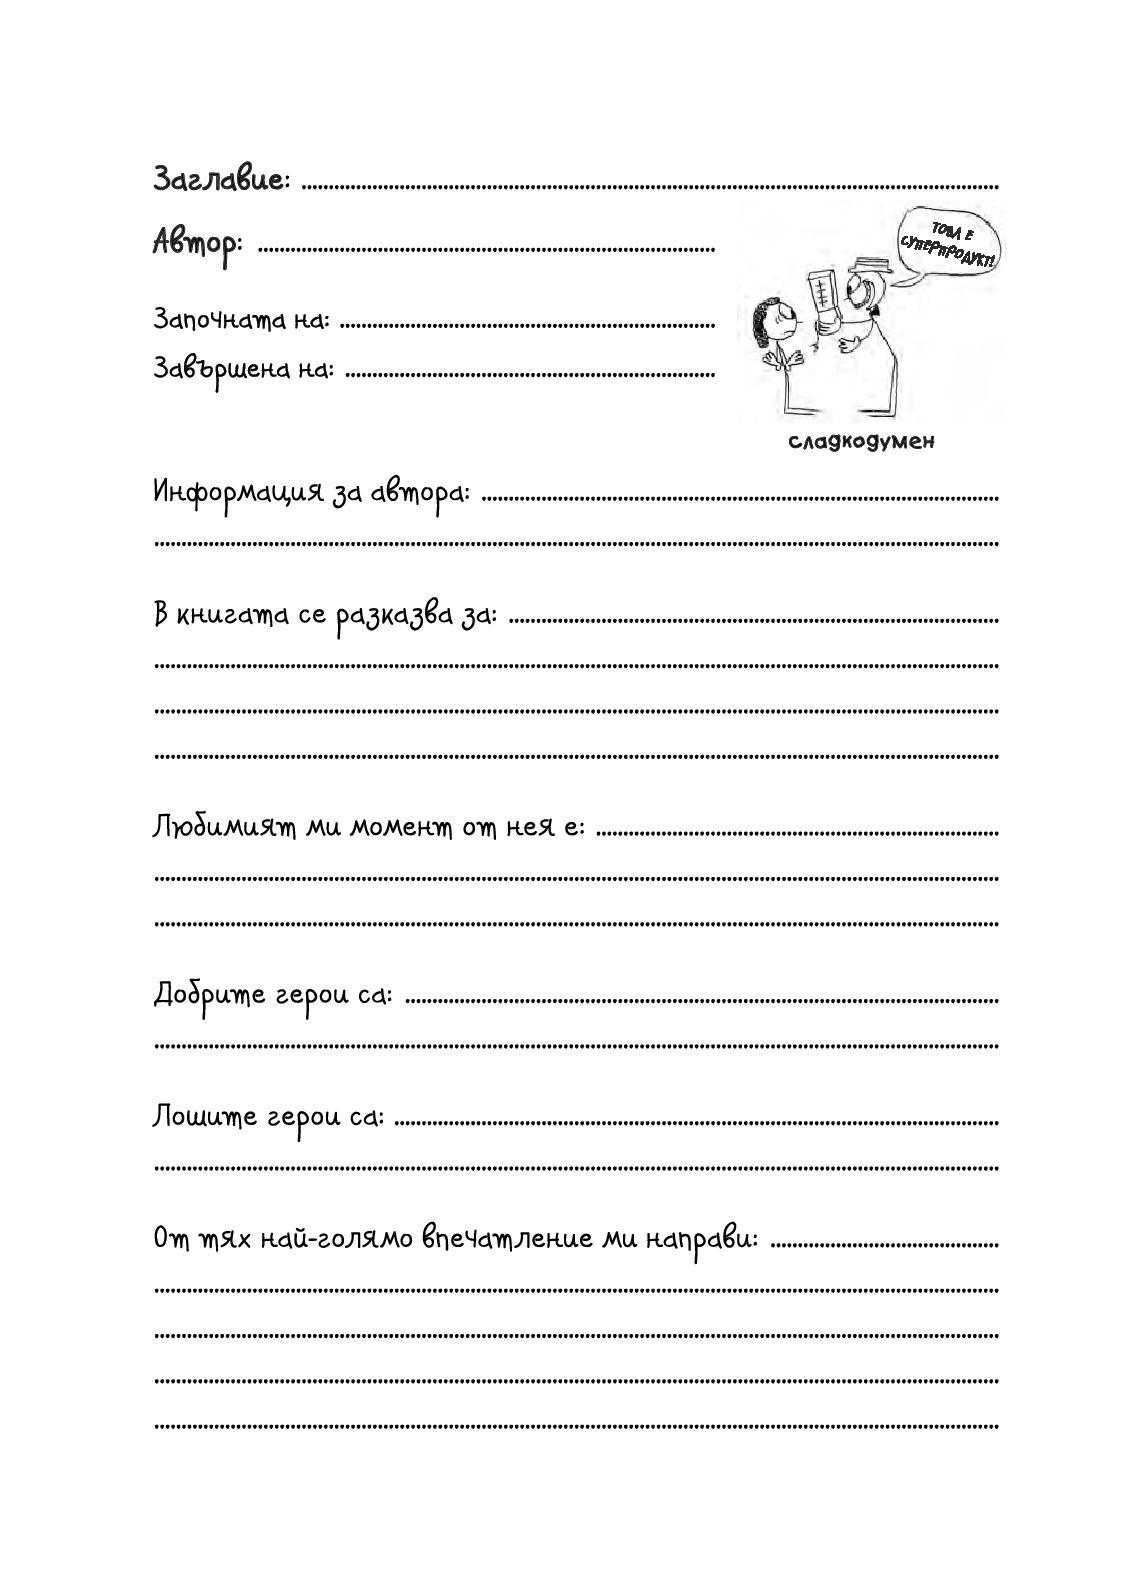 chitatelski-dnevnik-dzheyk-tazhiyan-softpres-1 - 2